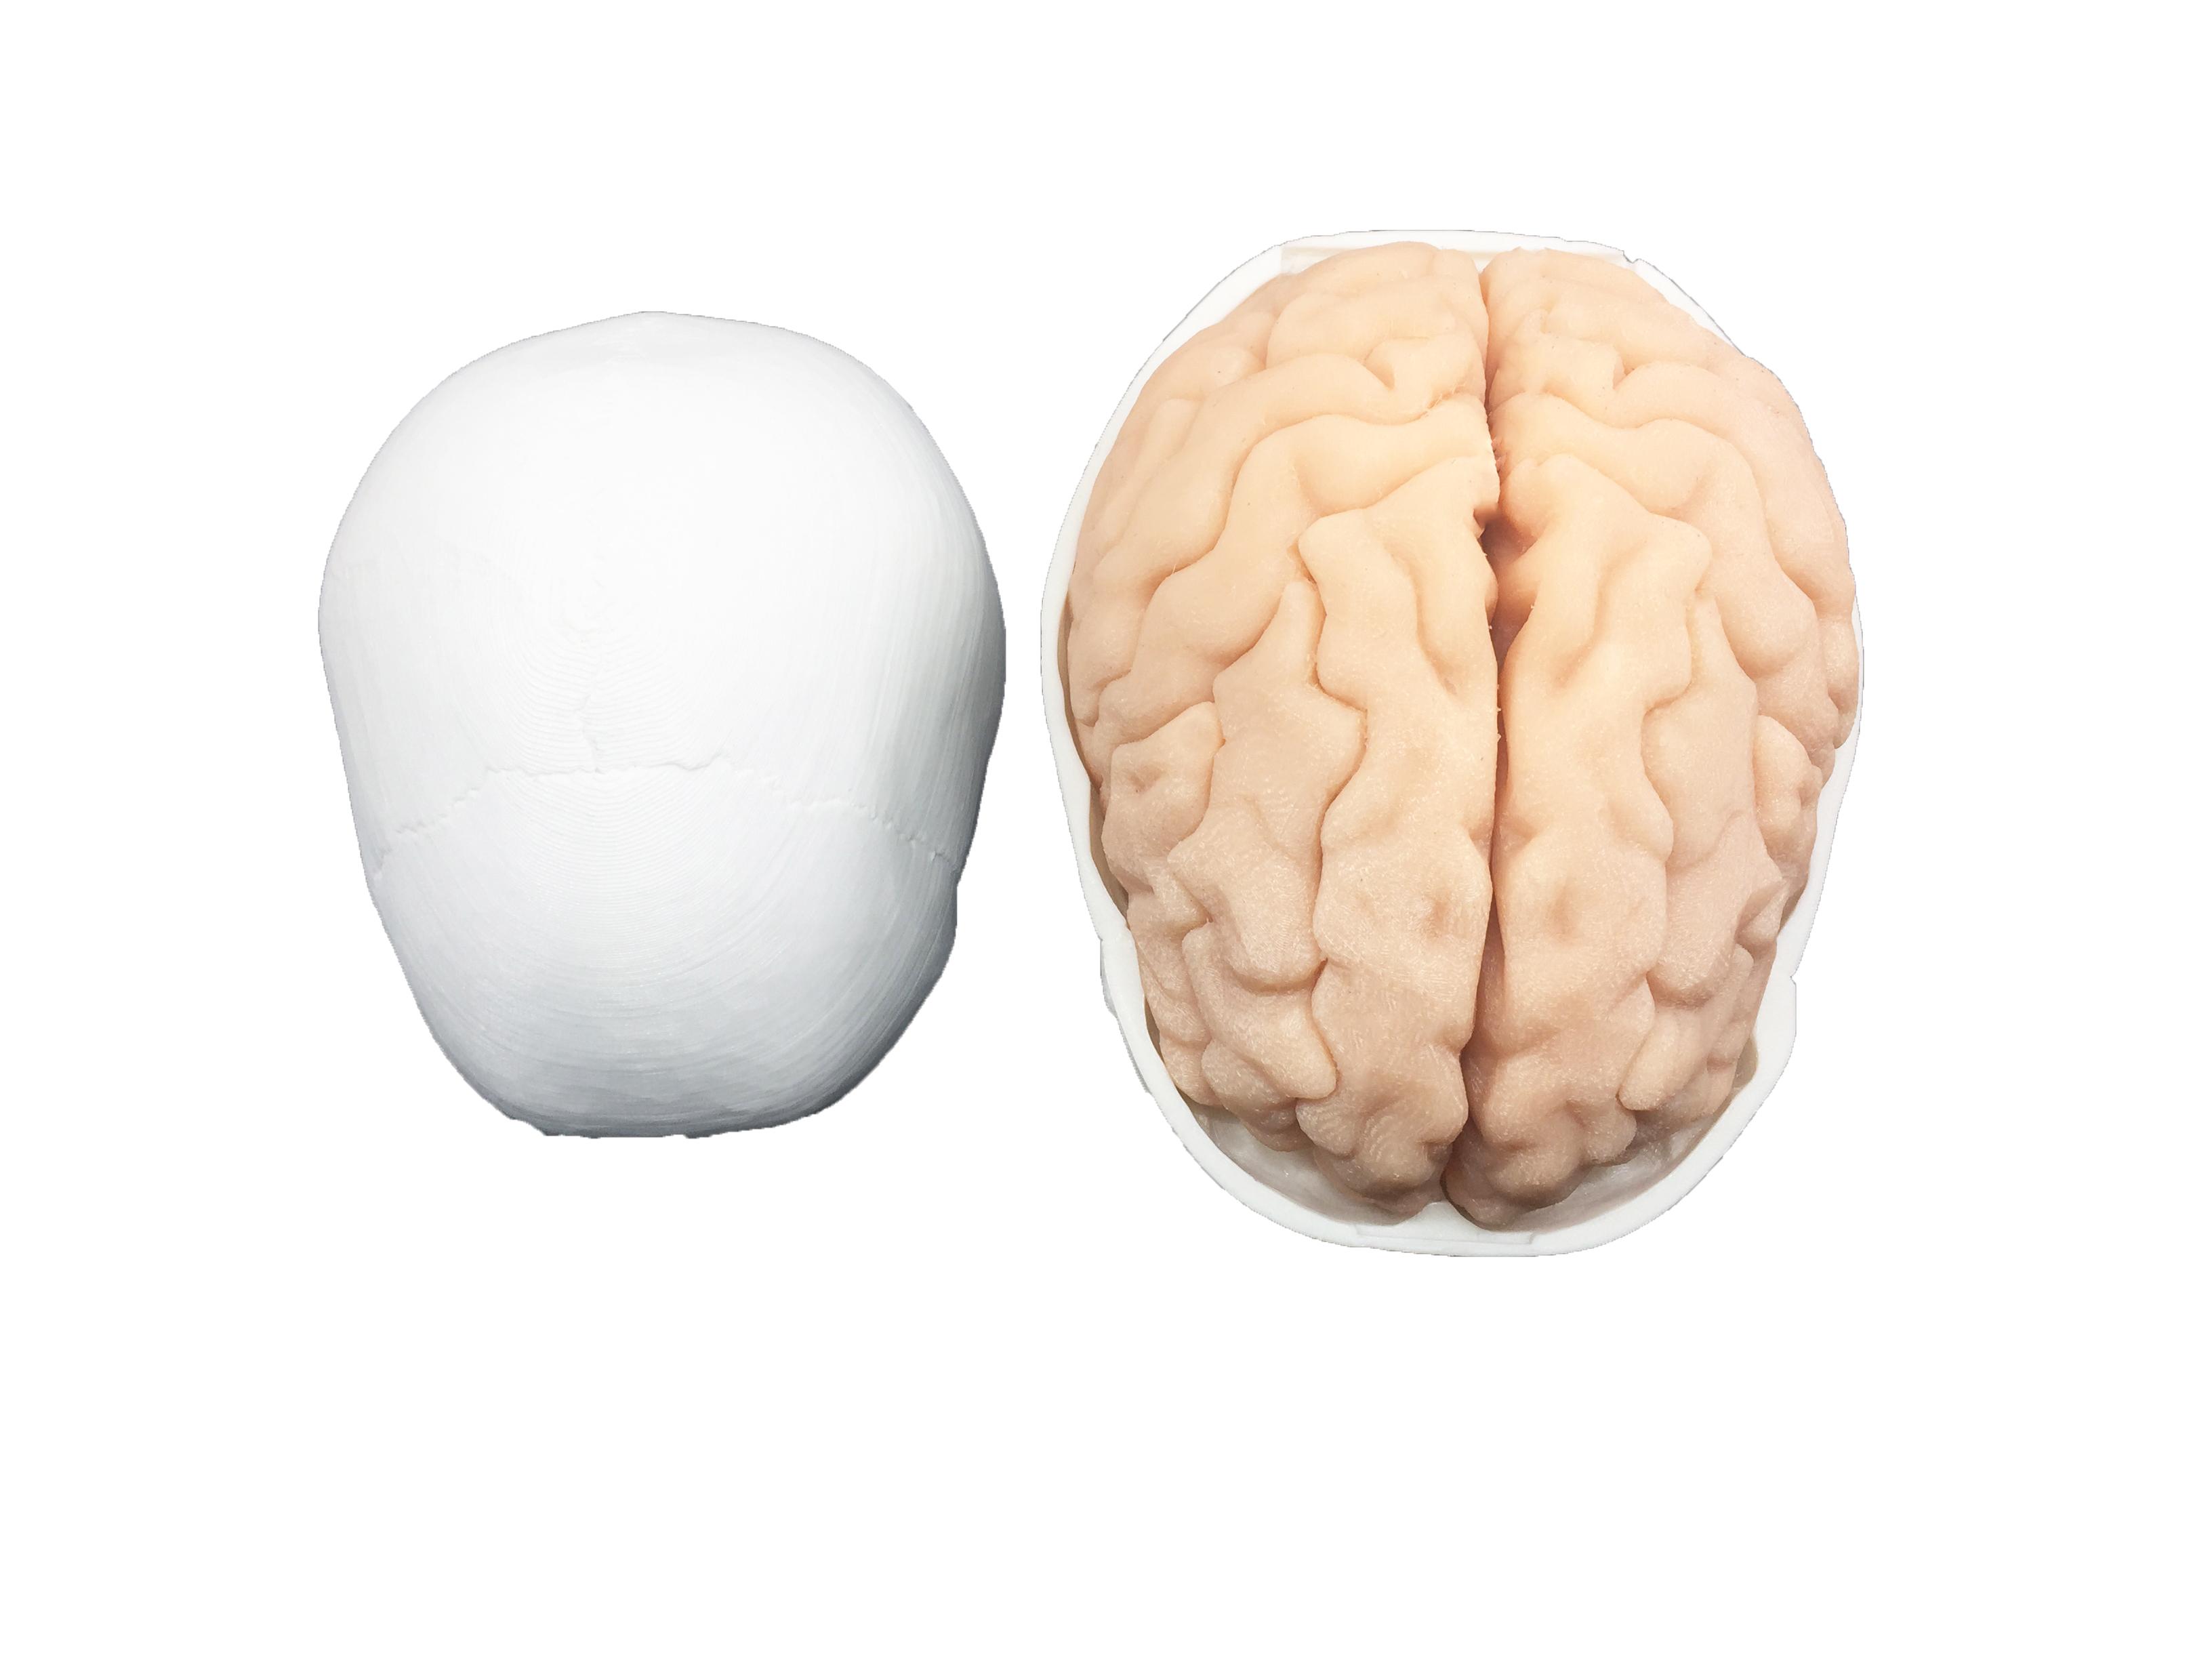 侧脑室穿刺引流模型